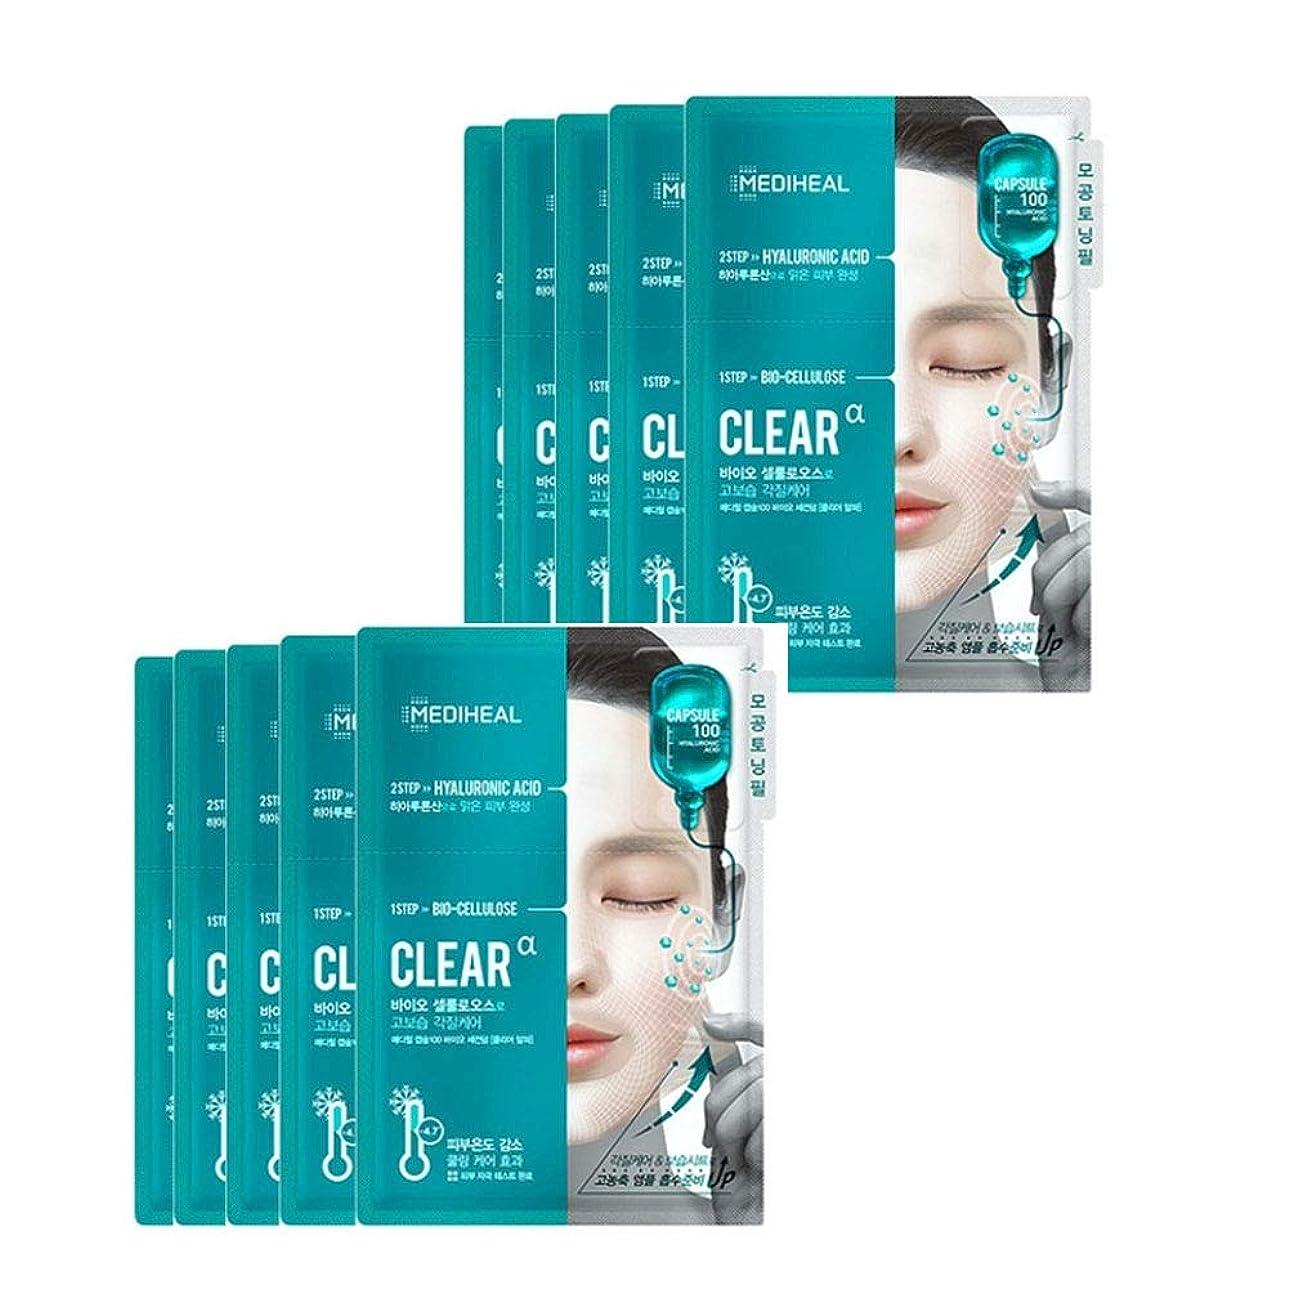 管理します健康的辛なメディヒールカプセル100バイオセカンダムクリアアルファマスクパック10枚、Mediheal Capsule100 Bio Seconderm Clear Mask Pack 10 Sheets [並行輸入品]